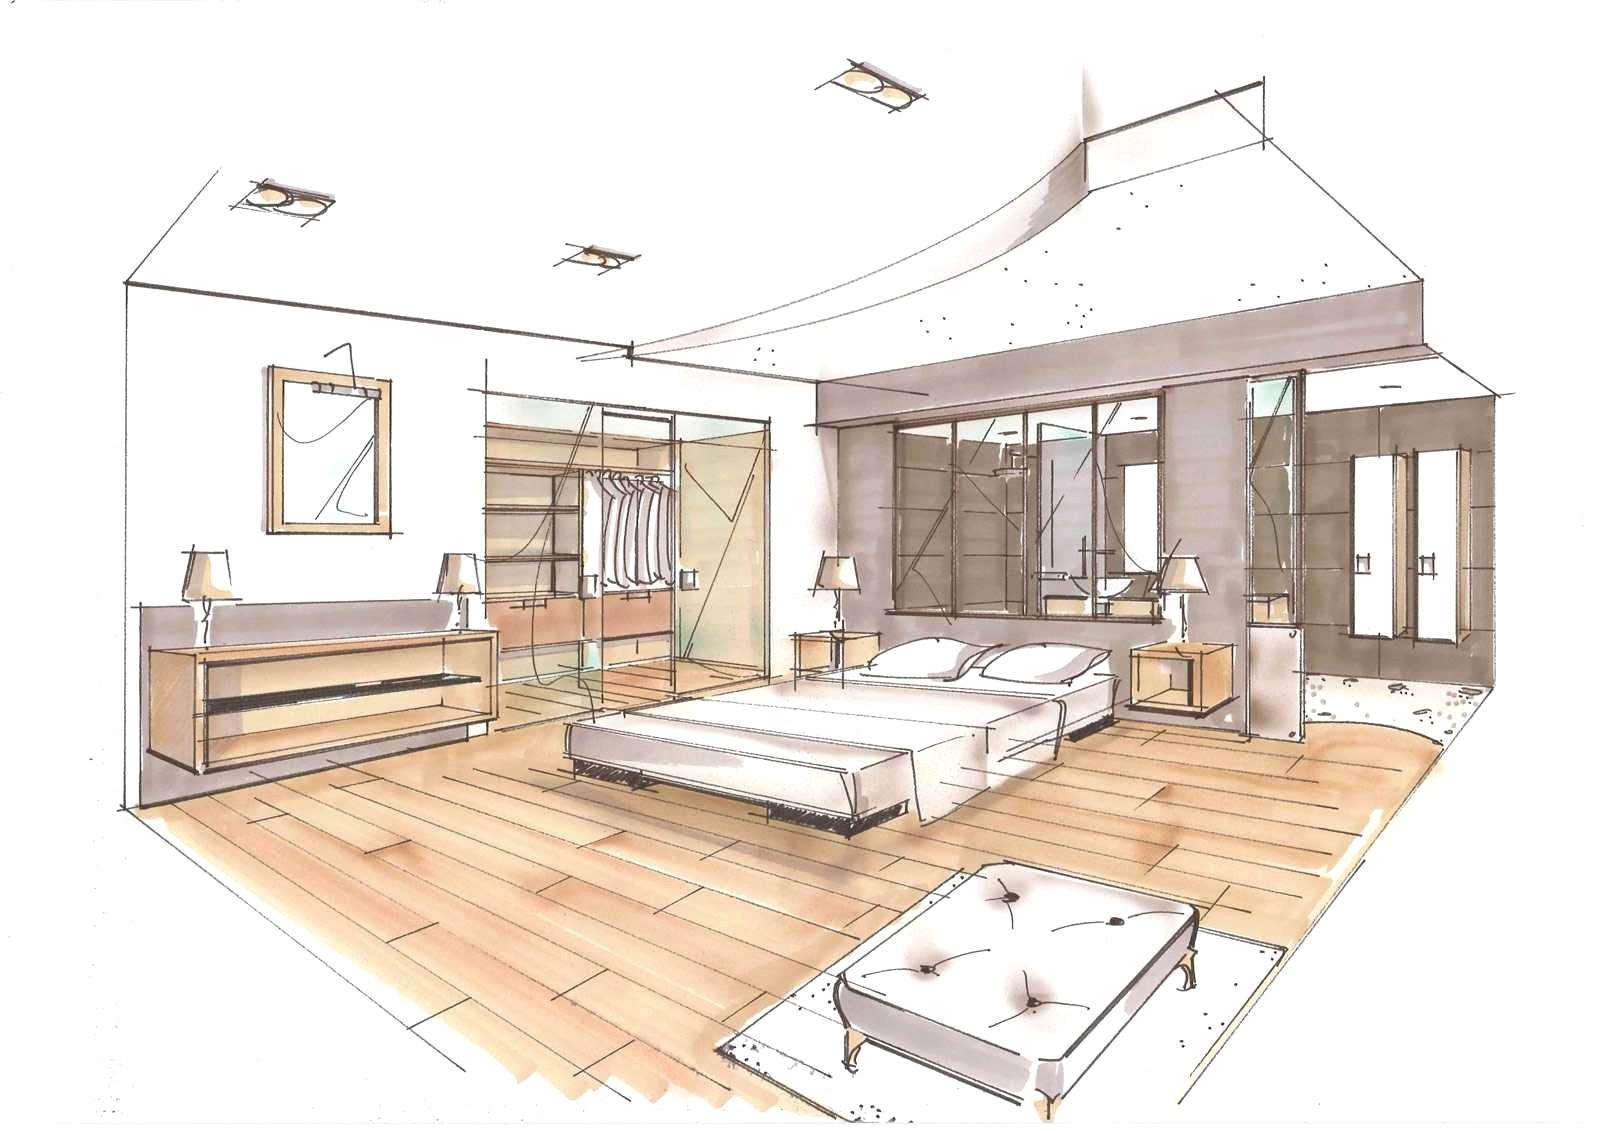 Chambre Avec Salle De Bain Et Dressing Beau Photos Suite Parentale Avec Salle De Bain Et Dressing 20m2 Adorable Chambre